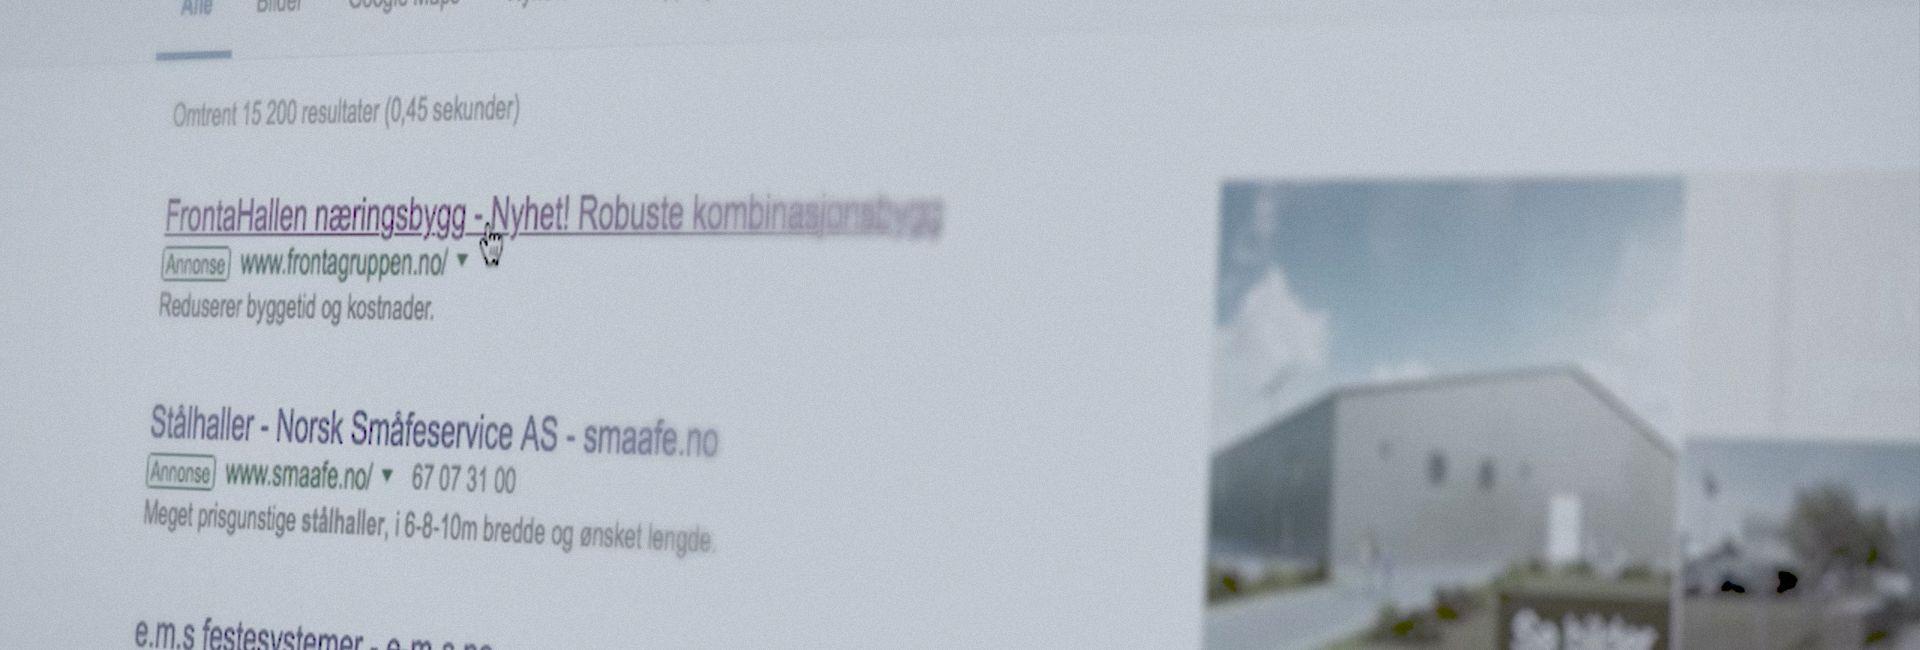 """Bilde av Googlesøk på """"stålhall"""" hvor Fronta kommer på topp"""